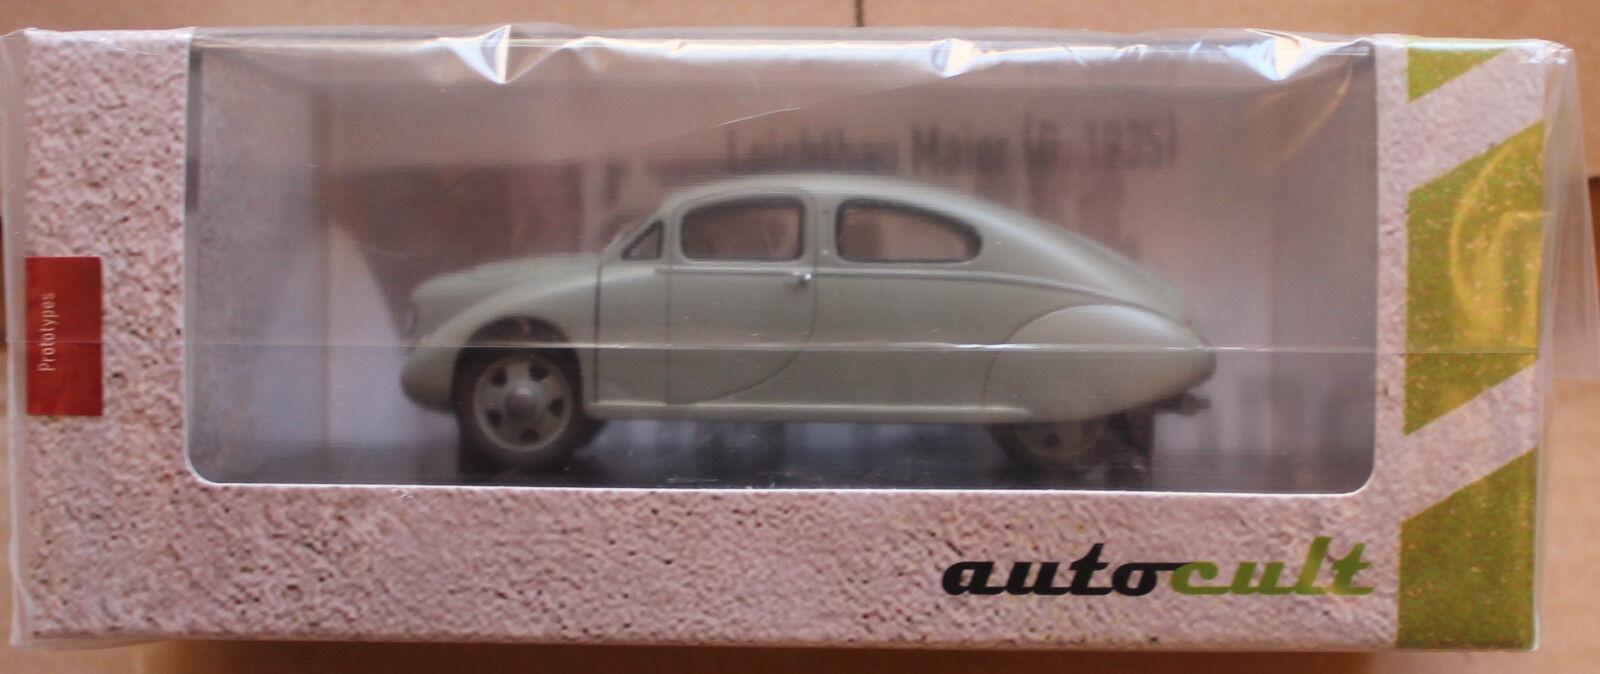 Autocult 1 43  06013 leichtbau maier (1935)